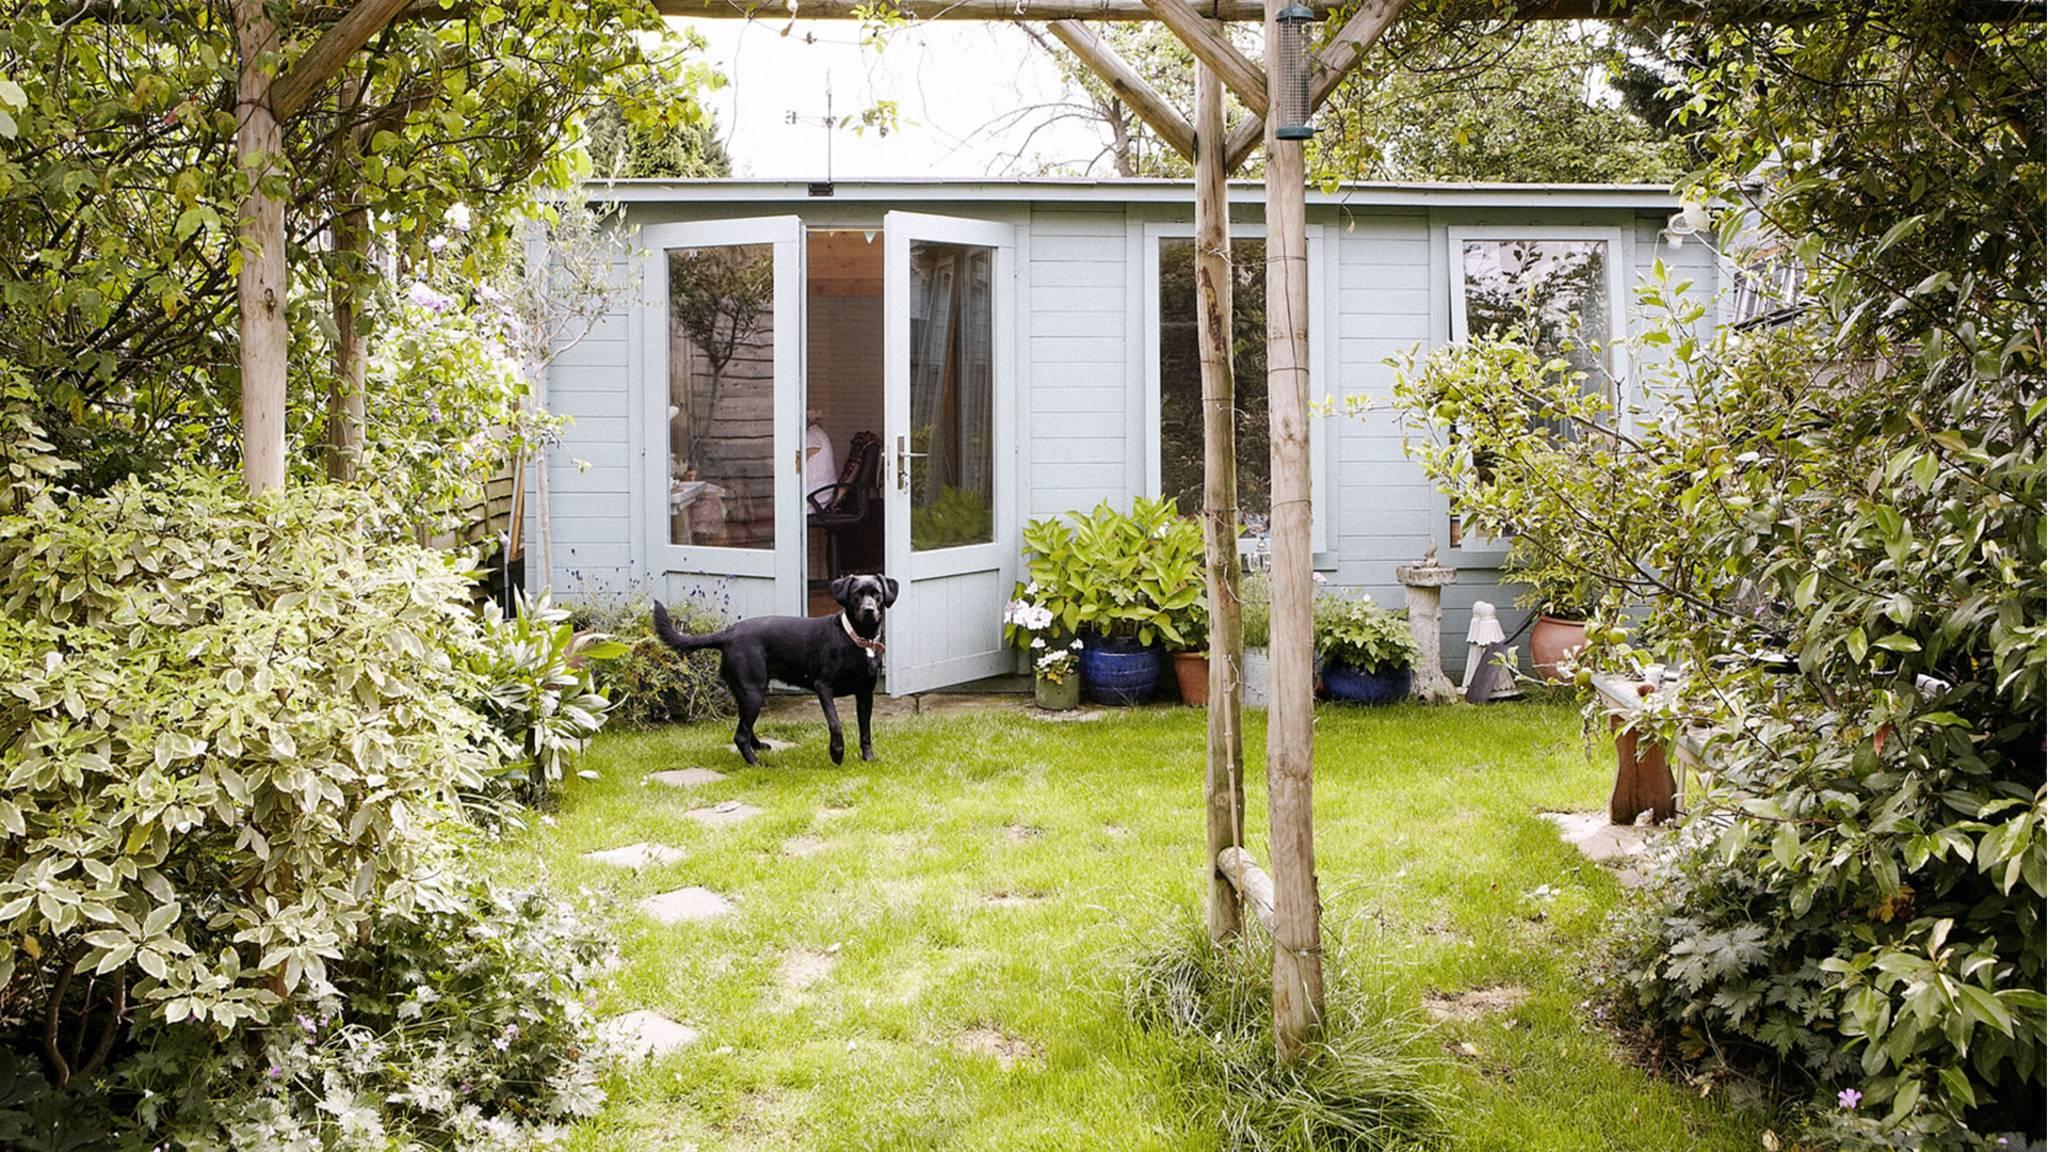 Gift Im Eigenen Garten Diese Gefahren Lauern Fur Den Hund Stern De